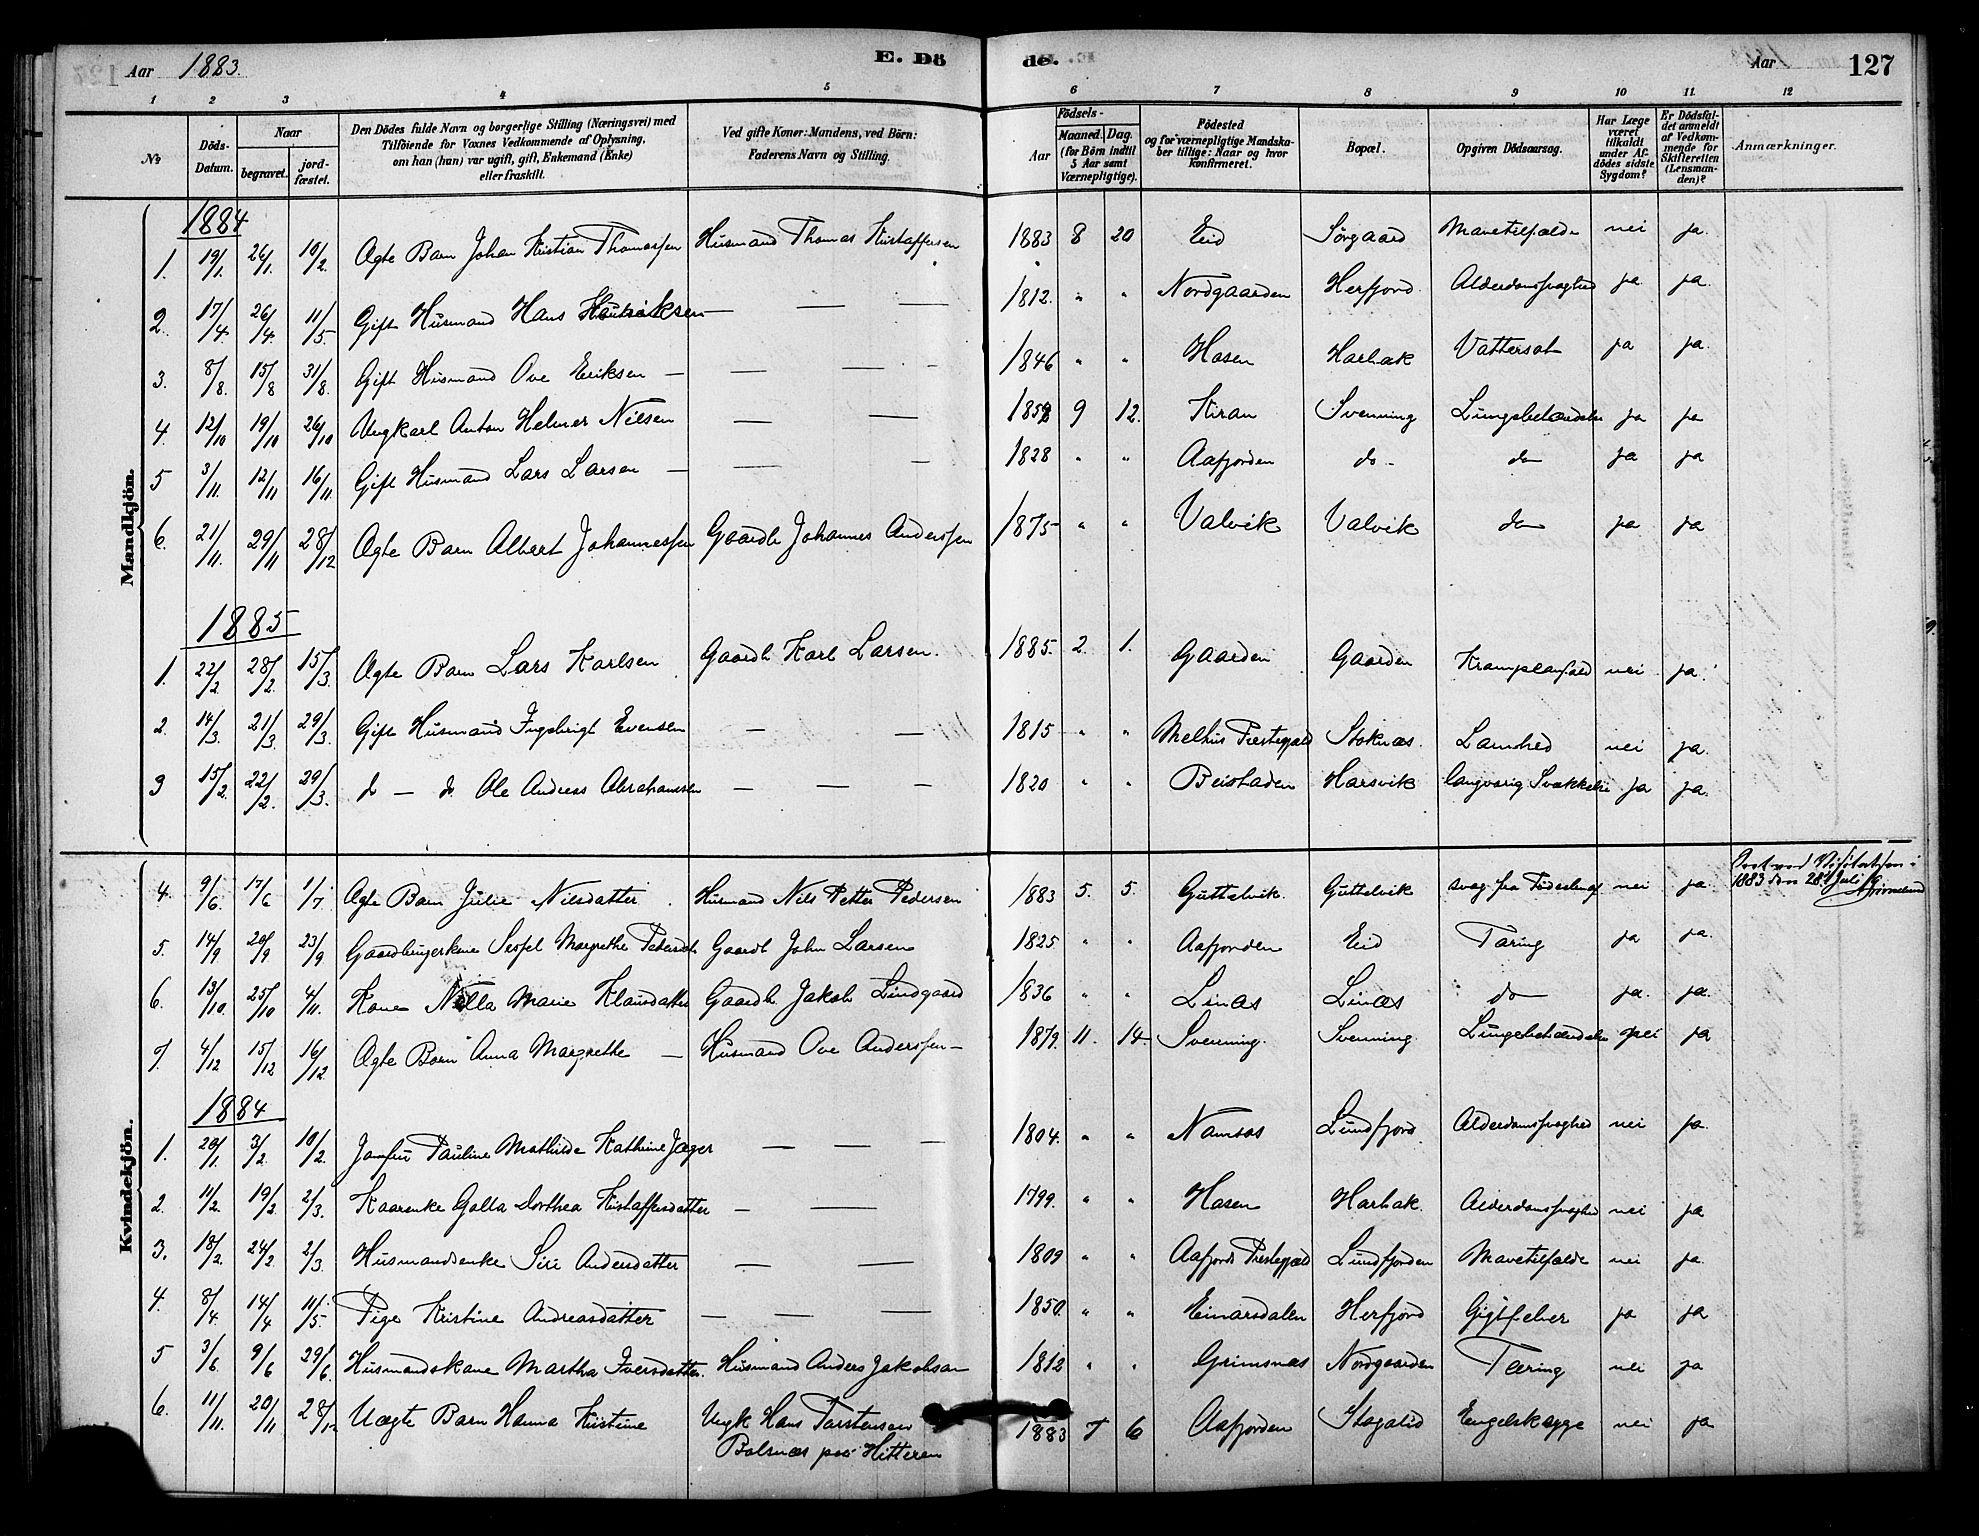 SAT, Ministerialprotokoller, klokkerbøker og fødselsregistre - Sør-Trøndelag, 656/L0692: Ministerialbok nr. 656A01, 1879-1893, s. 127